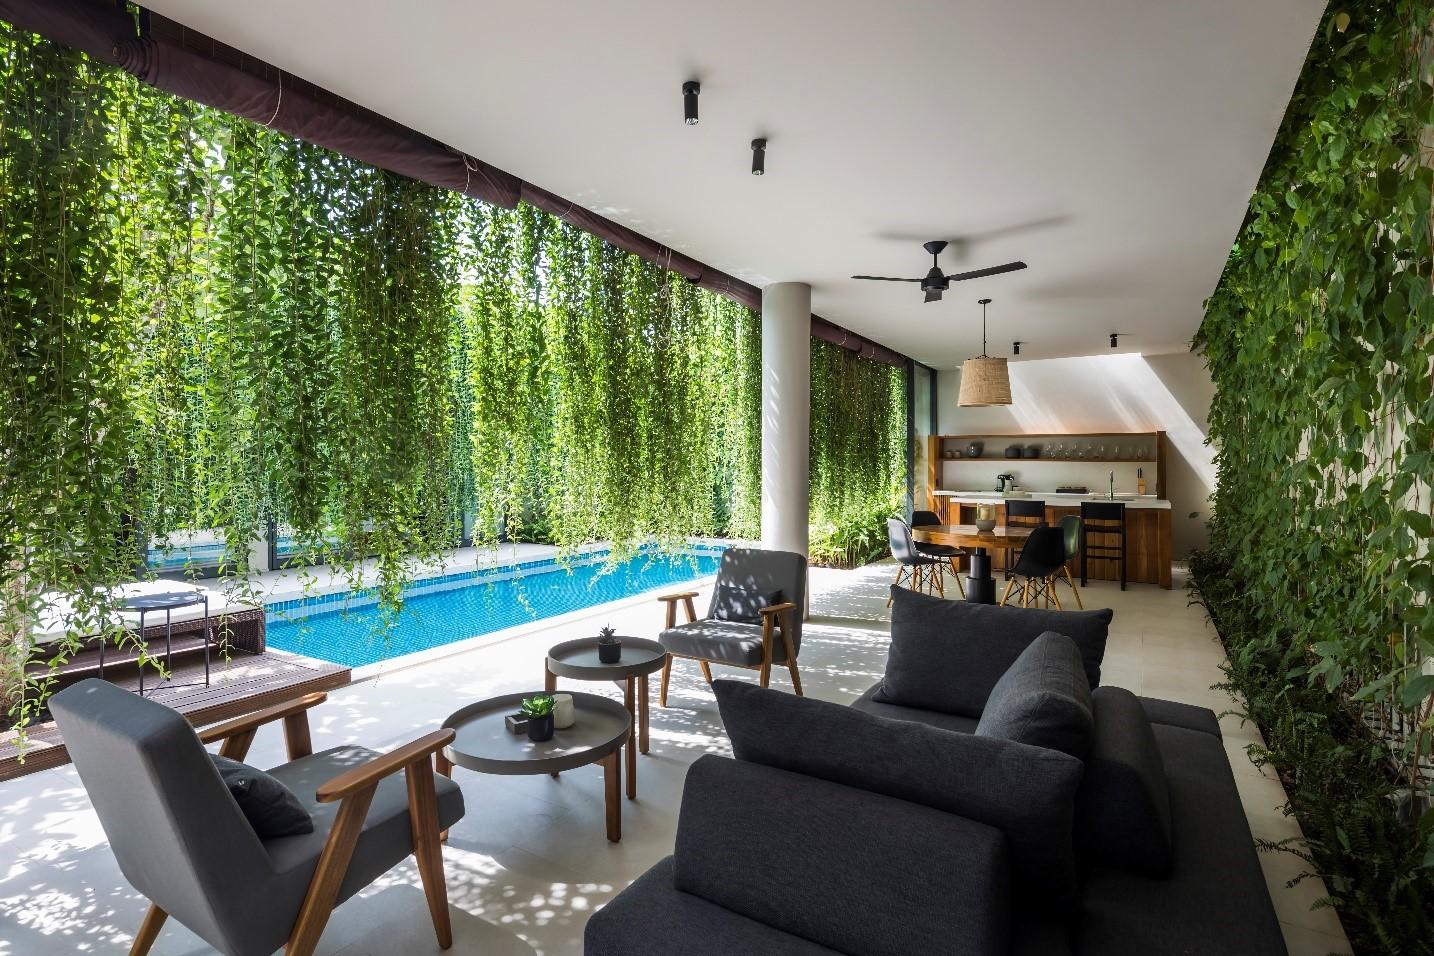 Những bức rèm xanh mang đến cảm giác thoải mái, dễ chịu, bình yên và tạo sự riêng tư cho chủ nhân hay du khách. Ảnh: Nam Group.